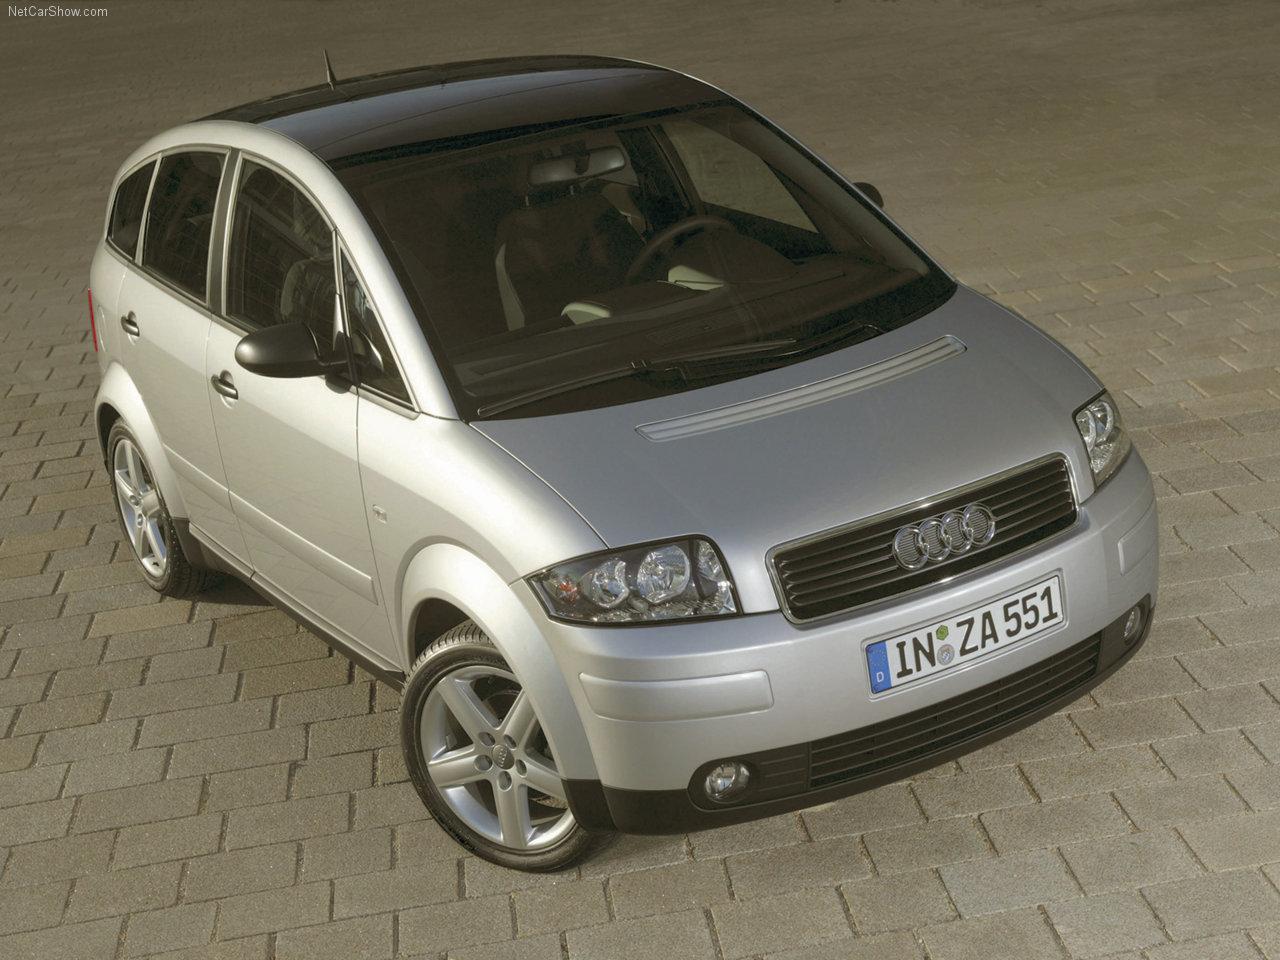 Audi A2 2003 Audi-A2-2003-1280-05